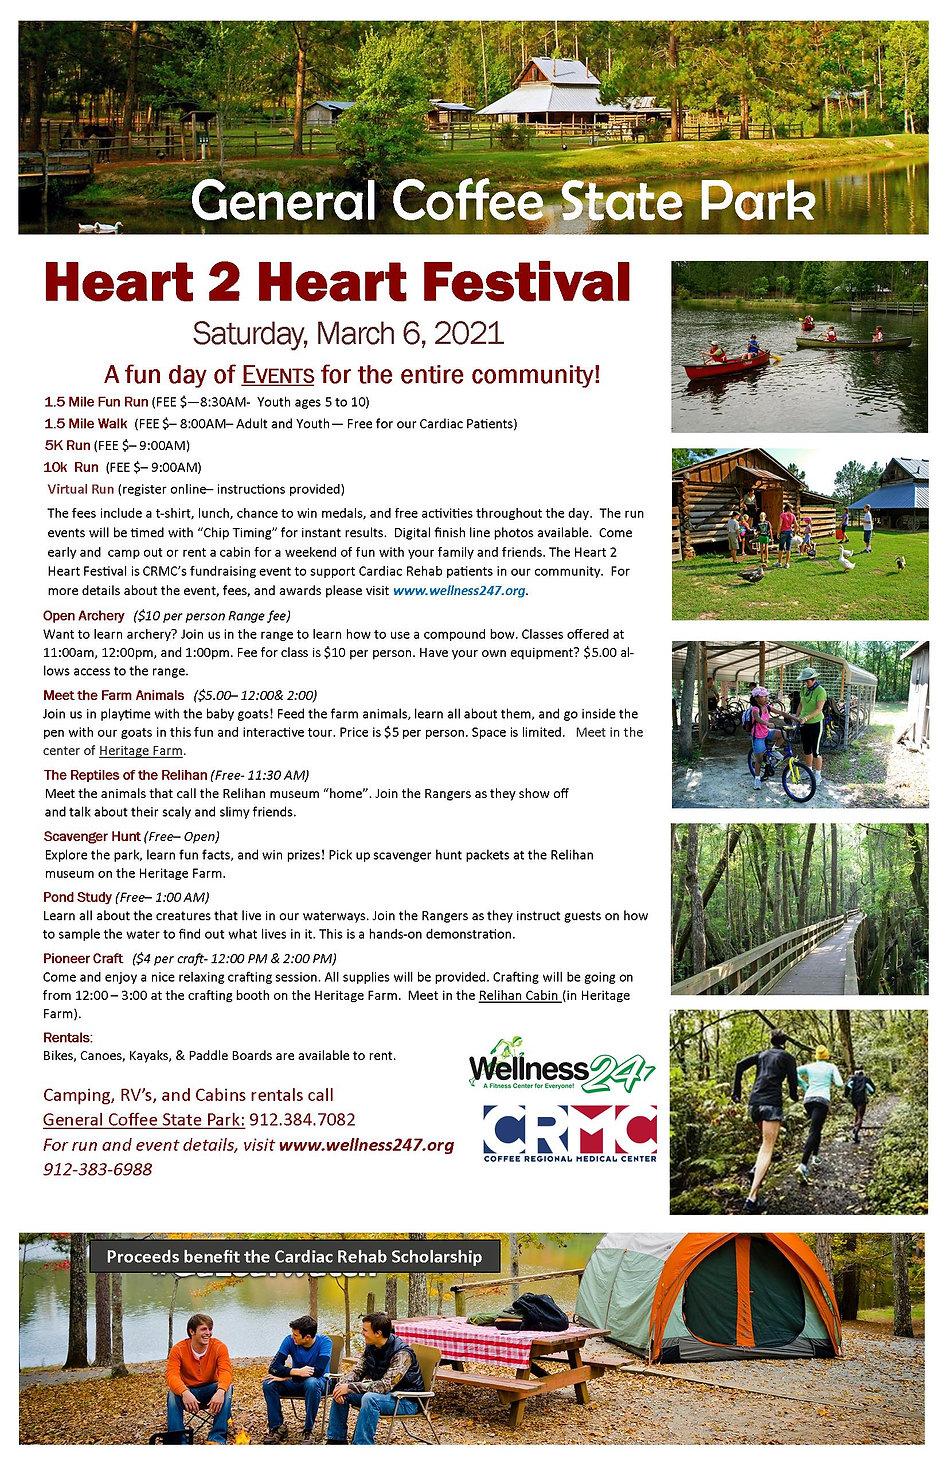 2021 Heart 2 Heart Festival Event Poster